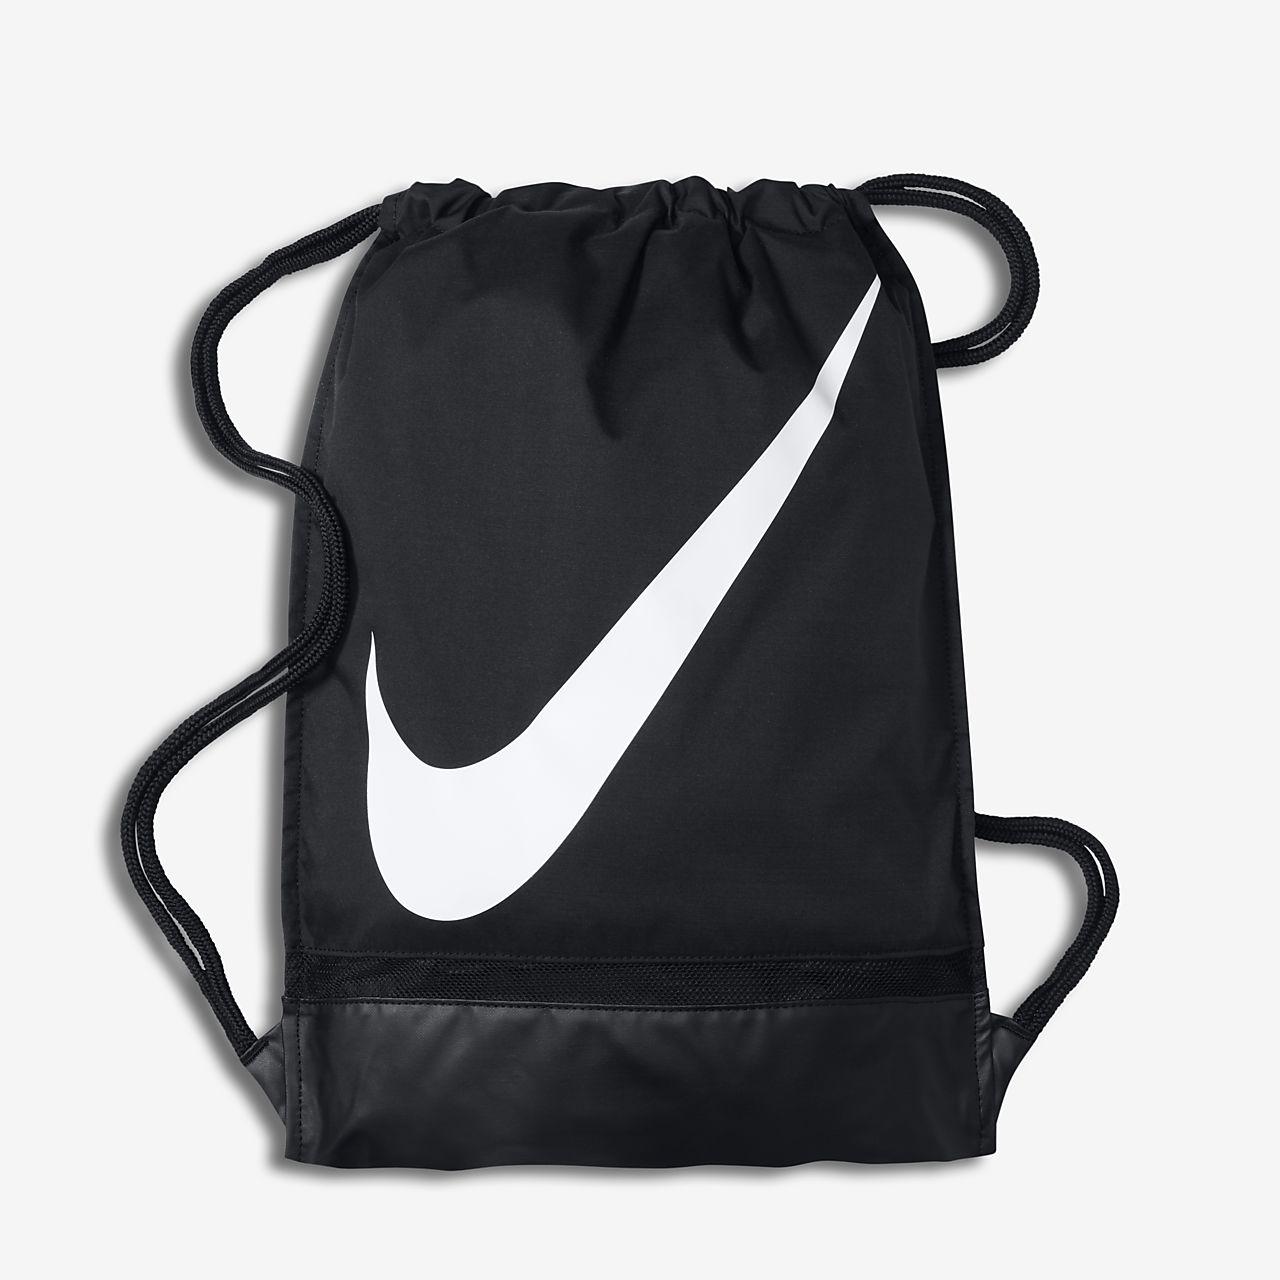 a6f6e7af8800d Bolso para gimnasio Nike Soccer. Nike.com MX